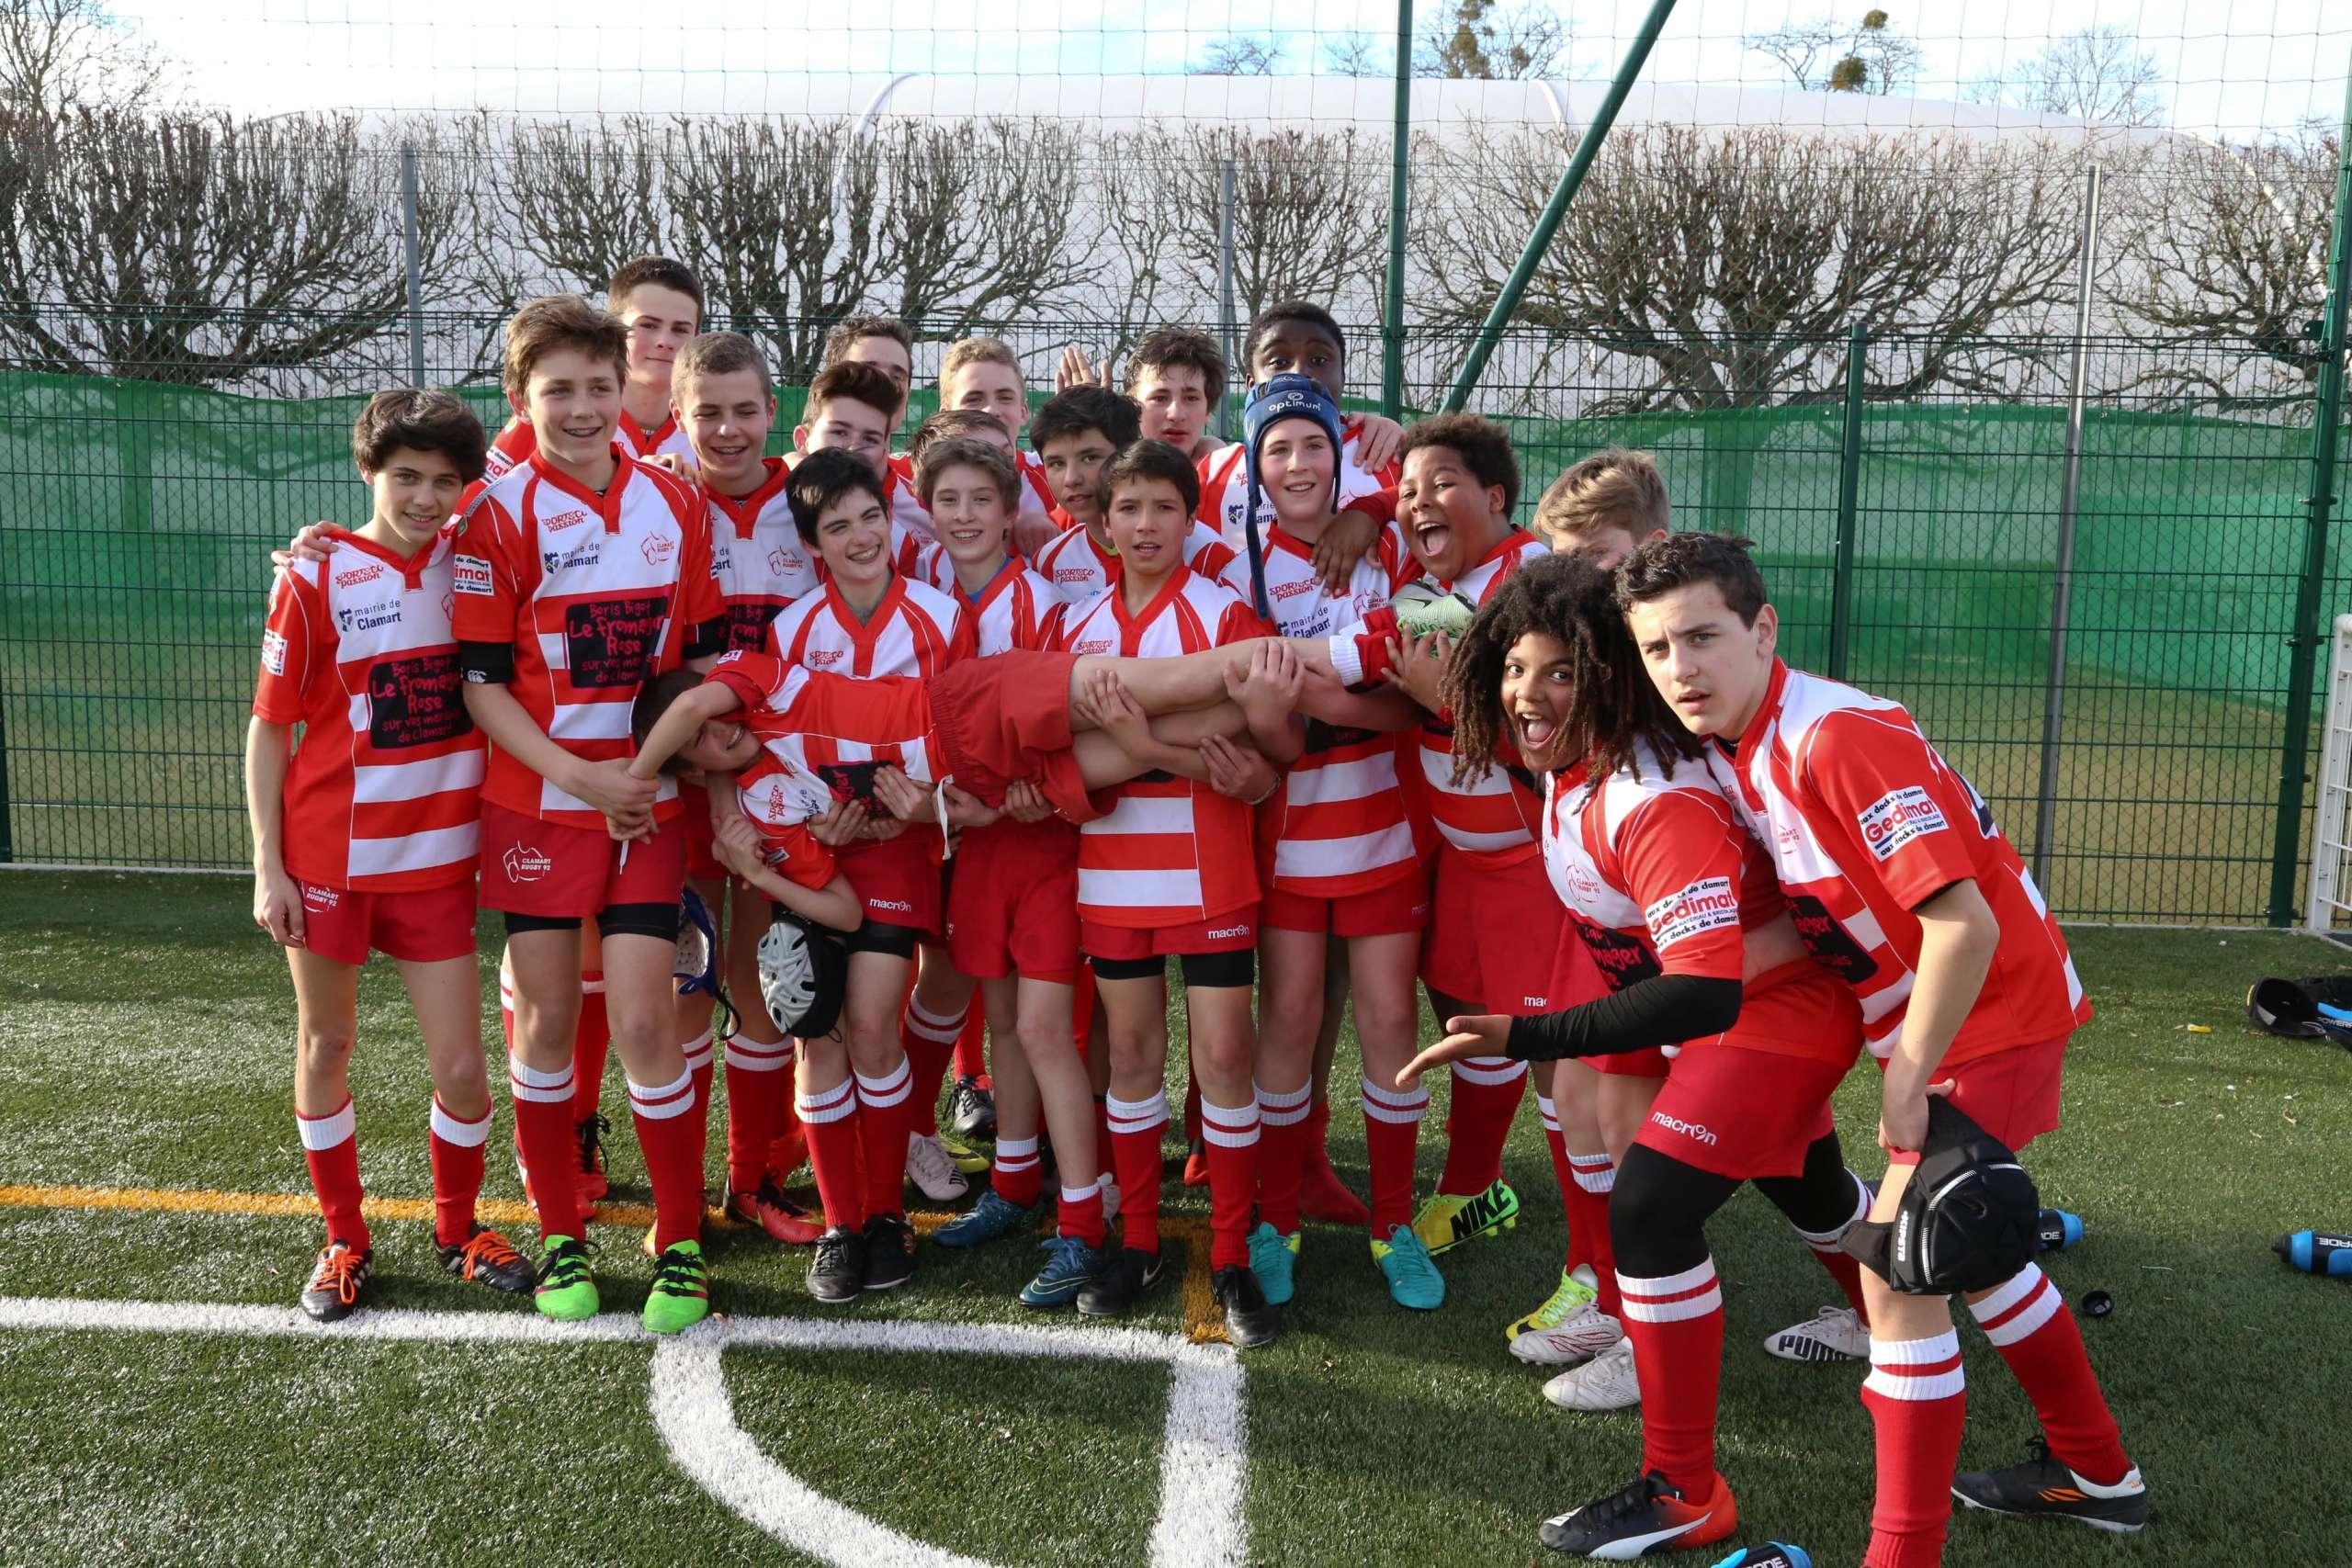 Clamart Rugby 92 Plateau CIFR U14 2003 de Vincennes 11 mars 2017